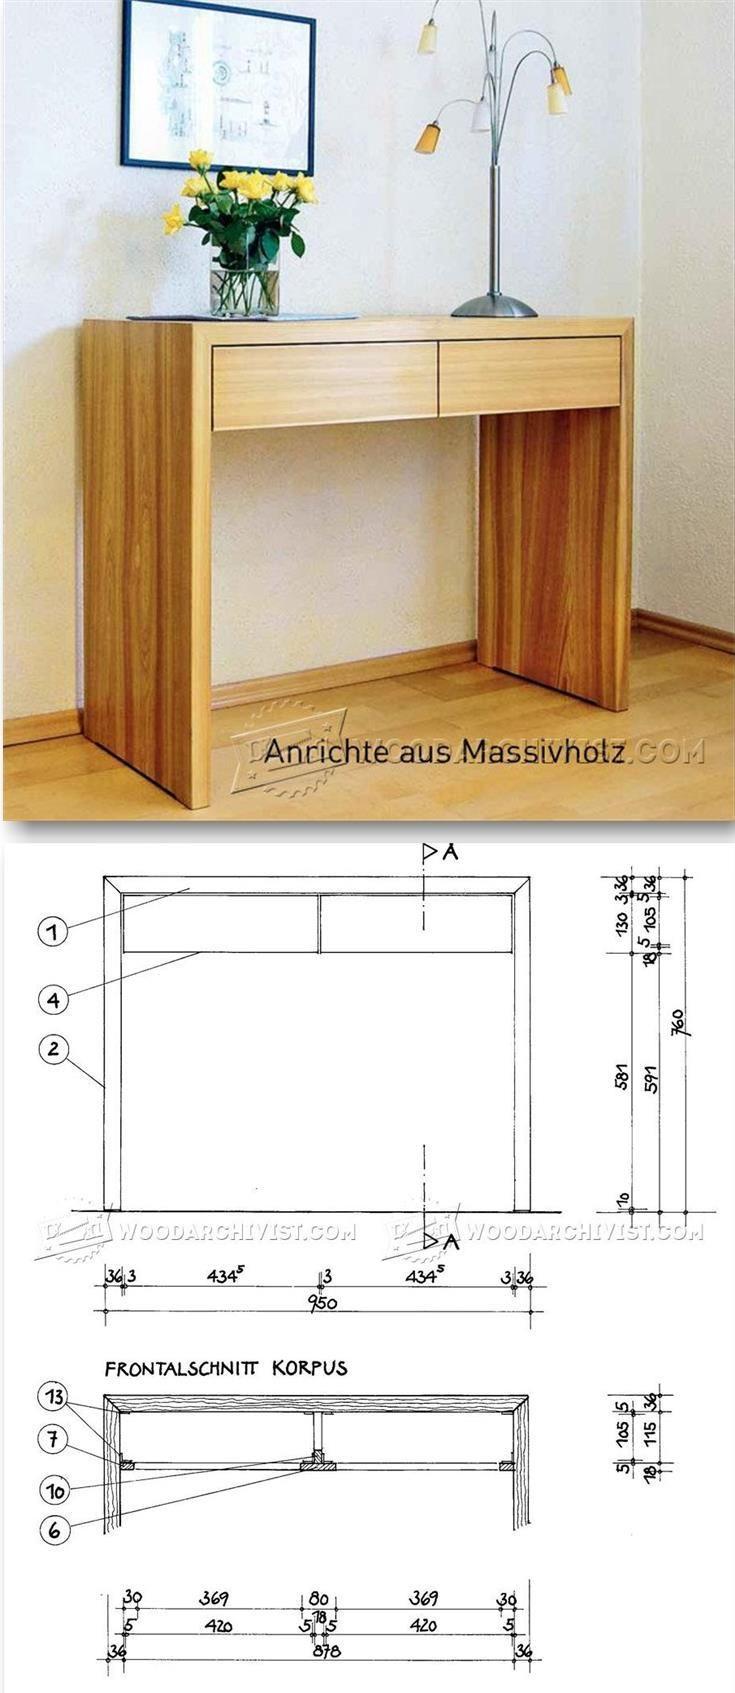 Proyecto Mueble Funcional Diseño De Mobiliario A Medida: Pin De IGRA HERRAJES En Planos: Muebles Para Oficina